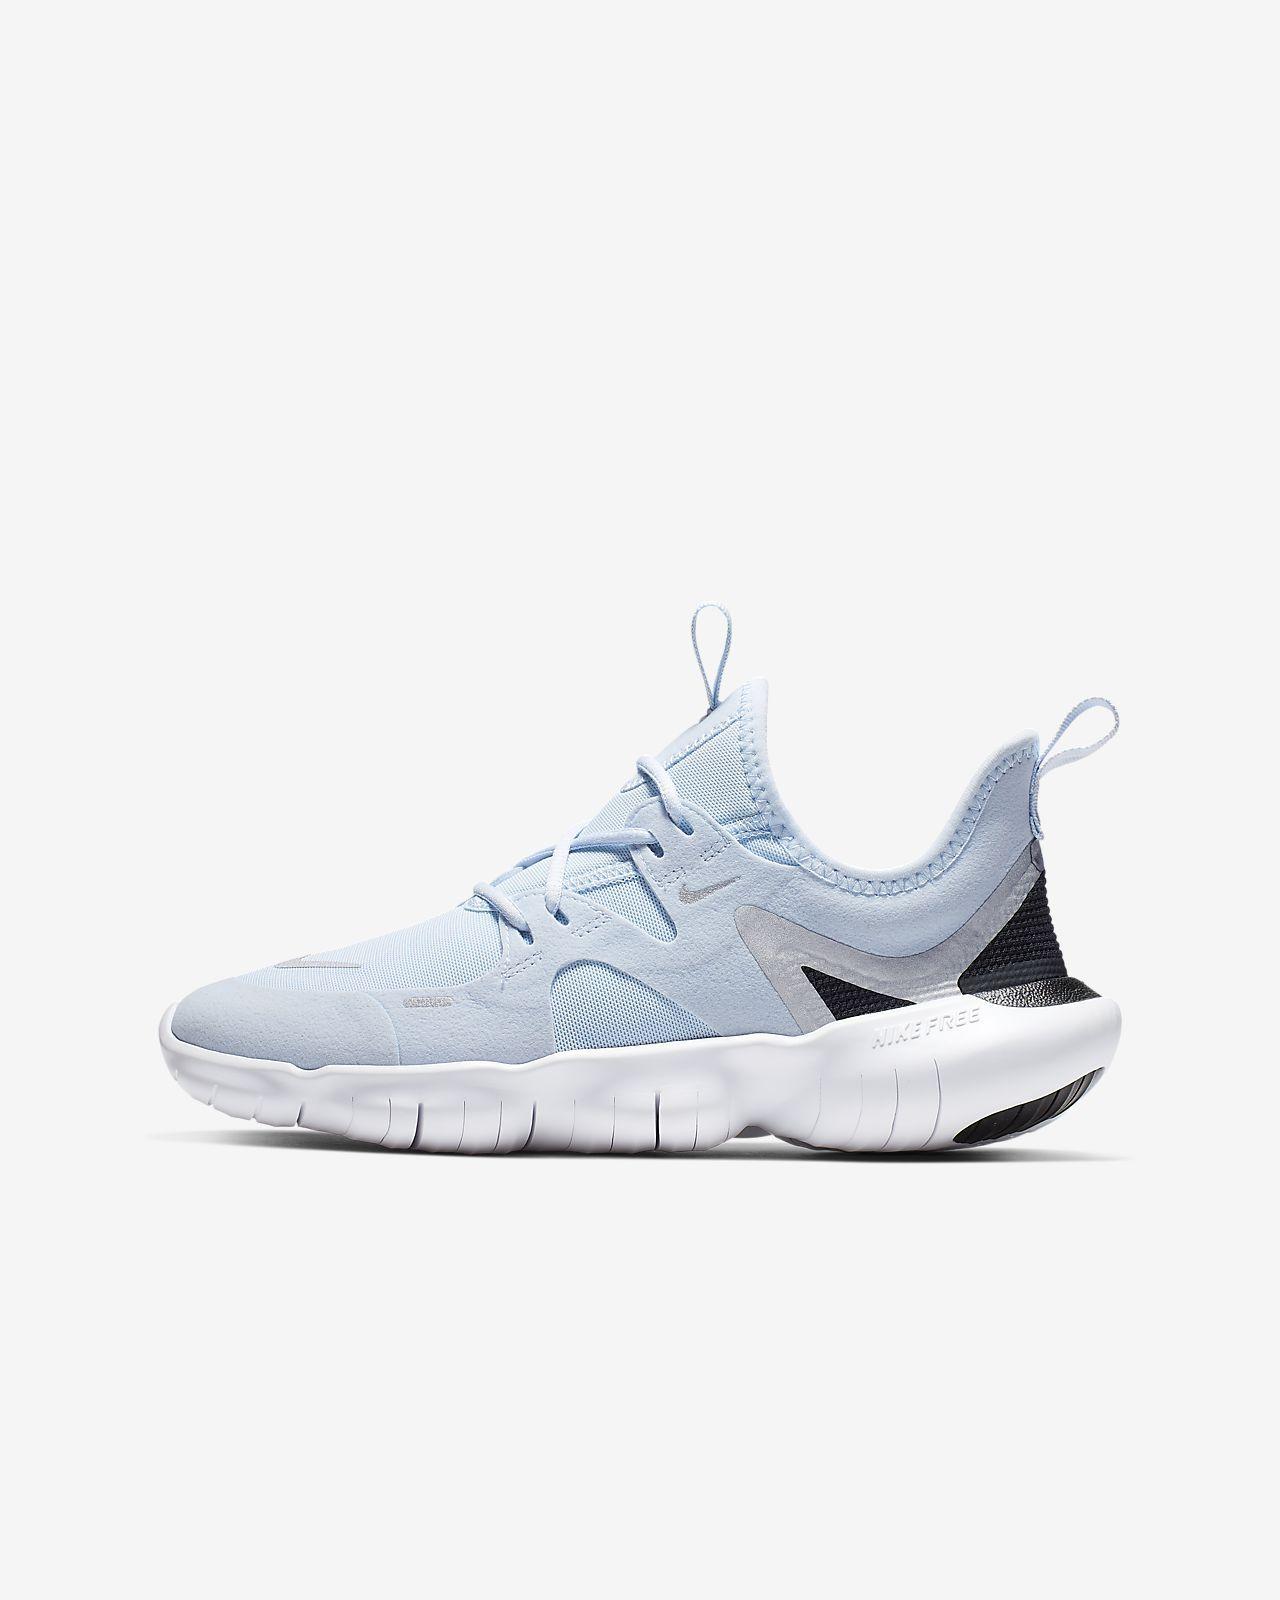 Nike Free RN 5.0 Big Kids' Running Shoe